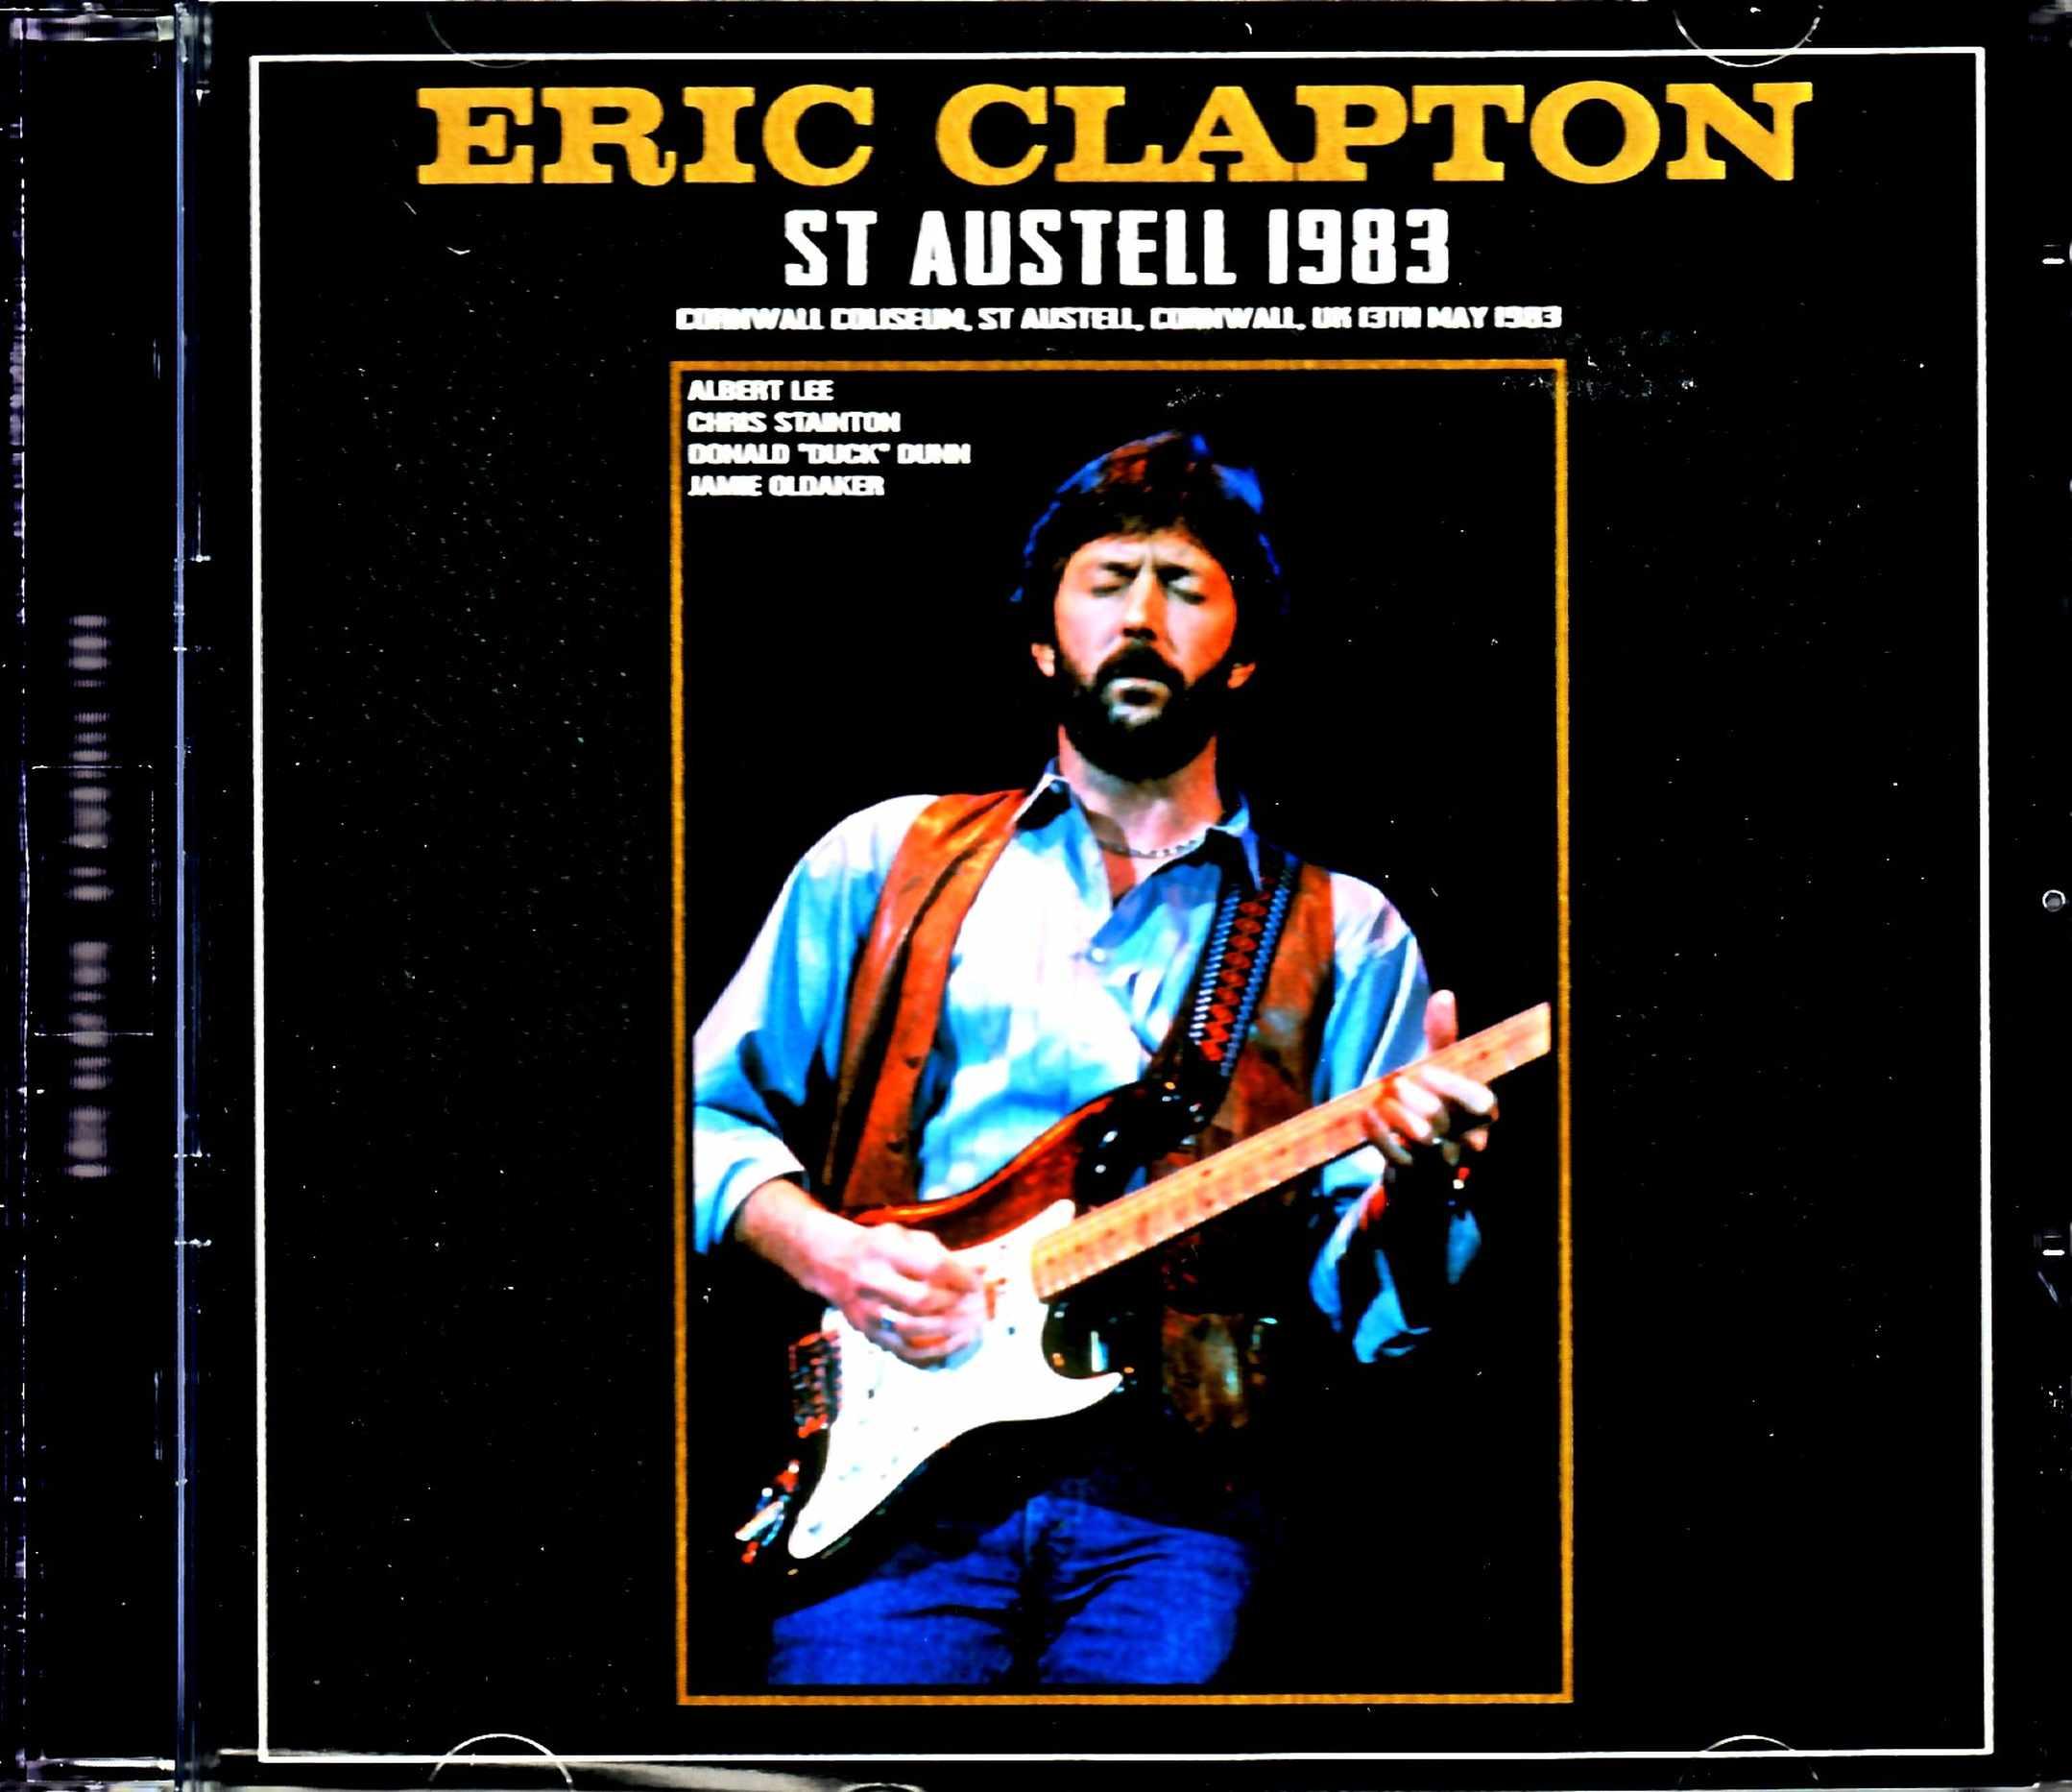 Eric Clapton エリック・クラプトン/England,UK 1983